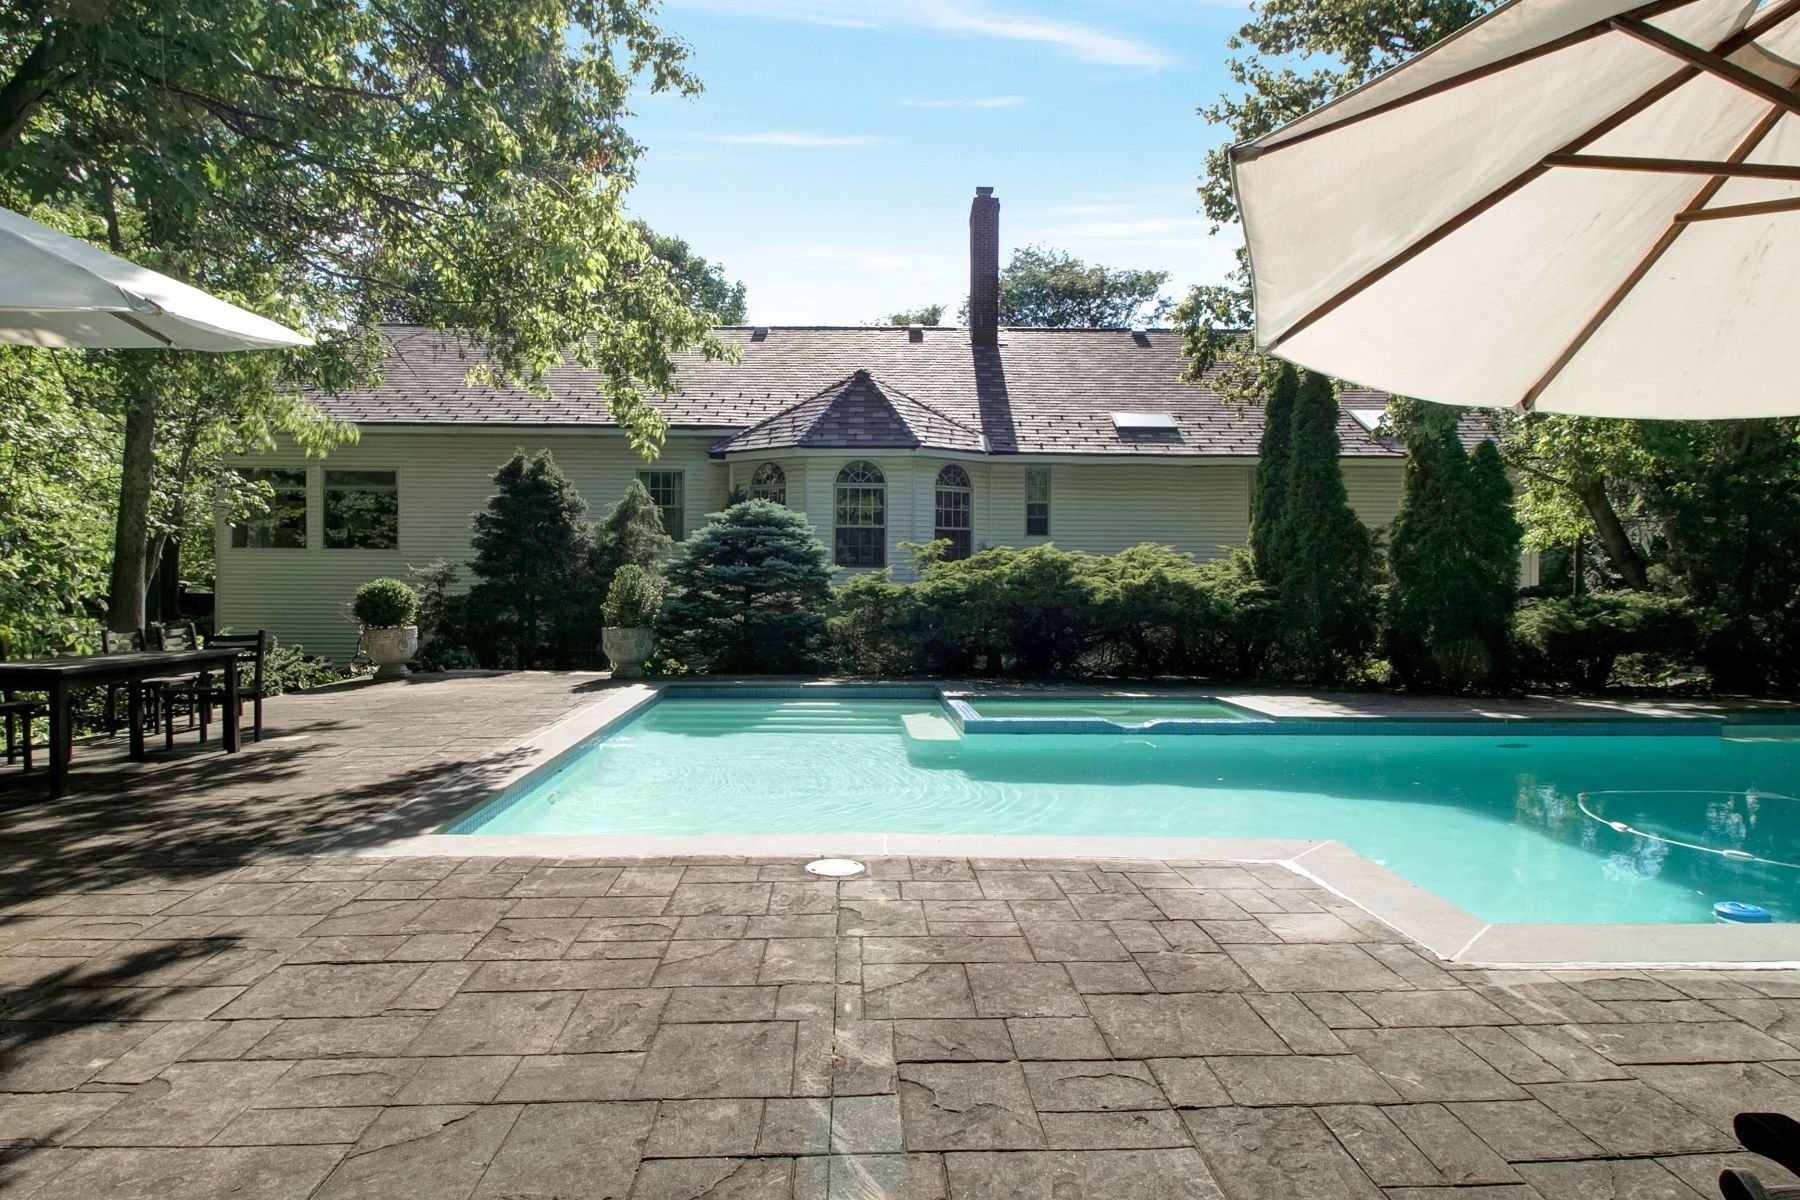 Частный односемейный дом для того Продажа на Stunning East Hill Home! 30 Lancaster Road Tenafly, Нью-Джерси 07670 Соединенные Штаты